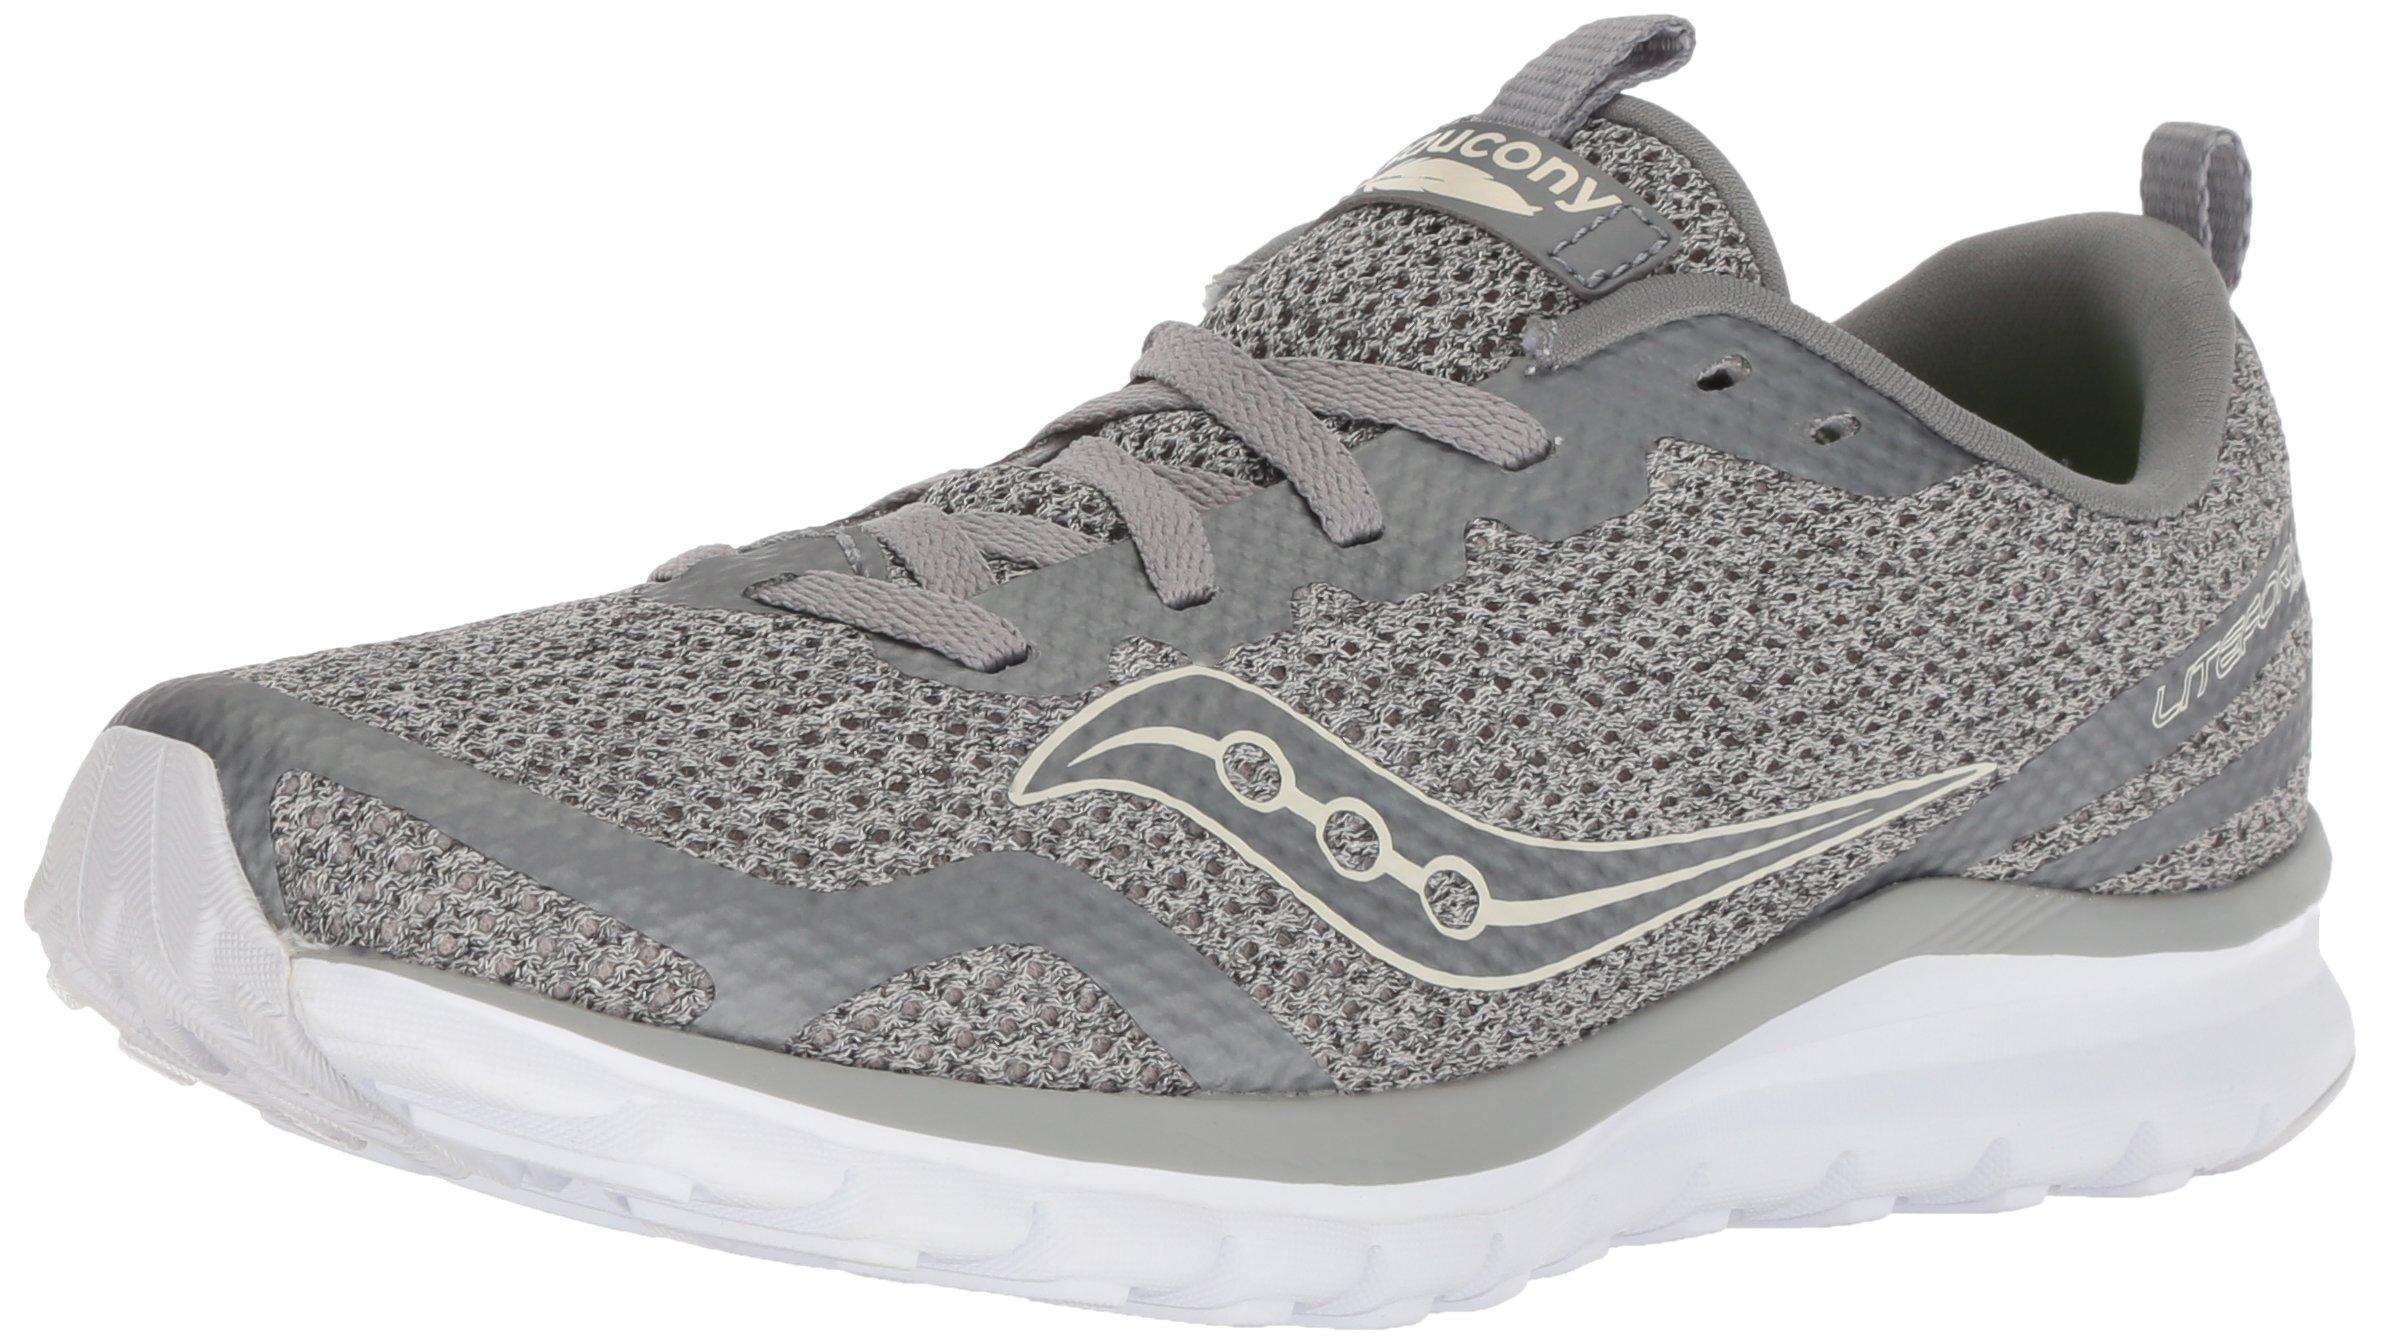 Saucony Liteform Feel Sneaker in Grey